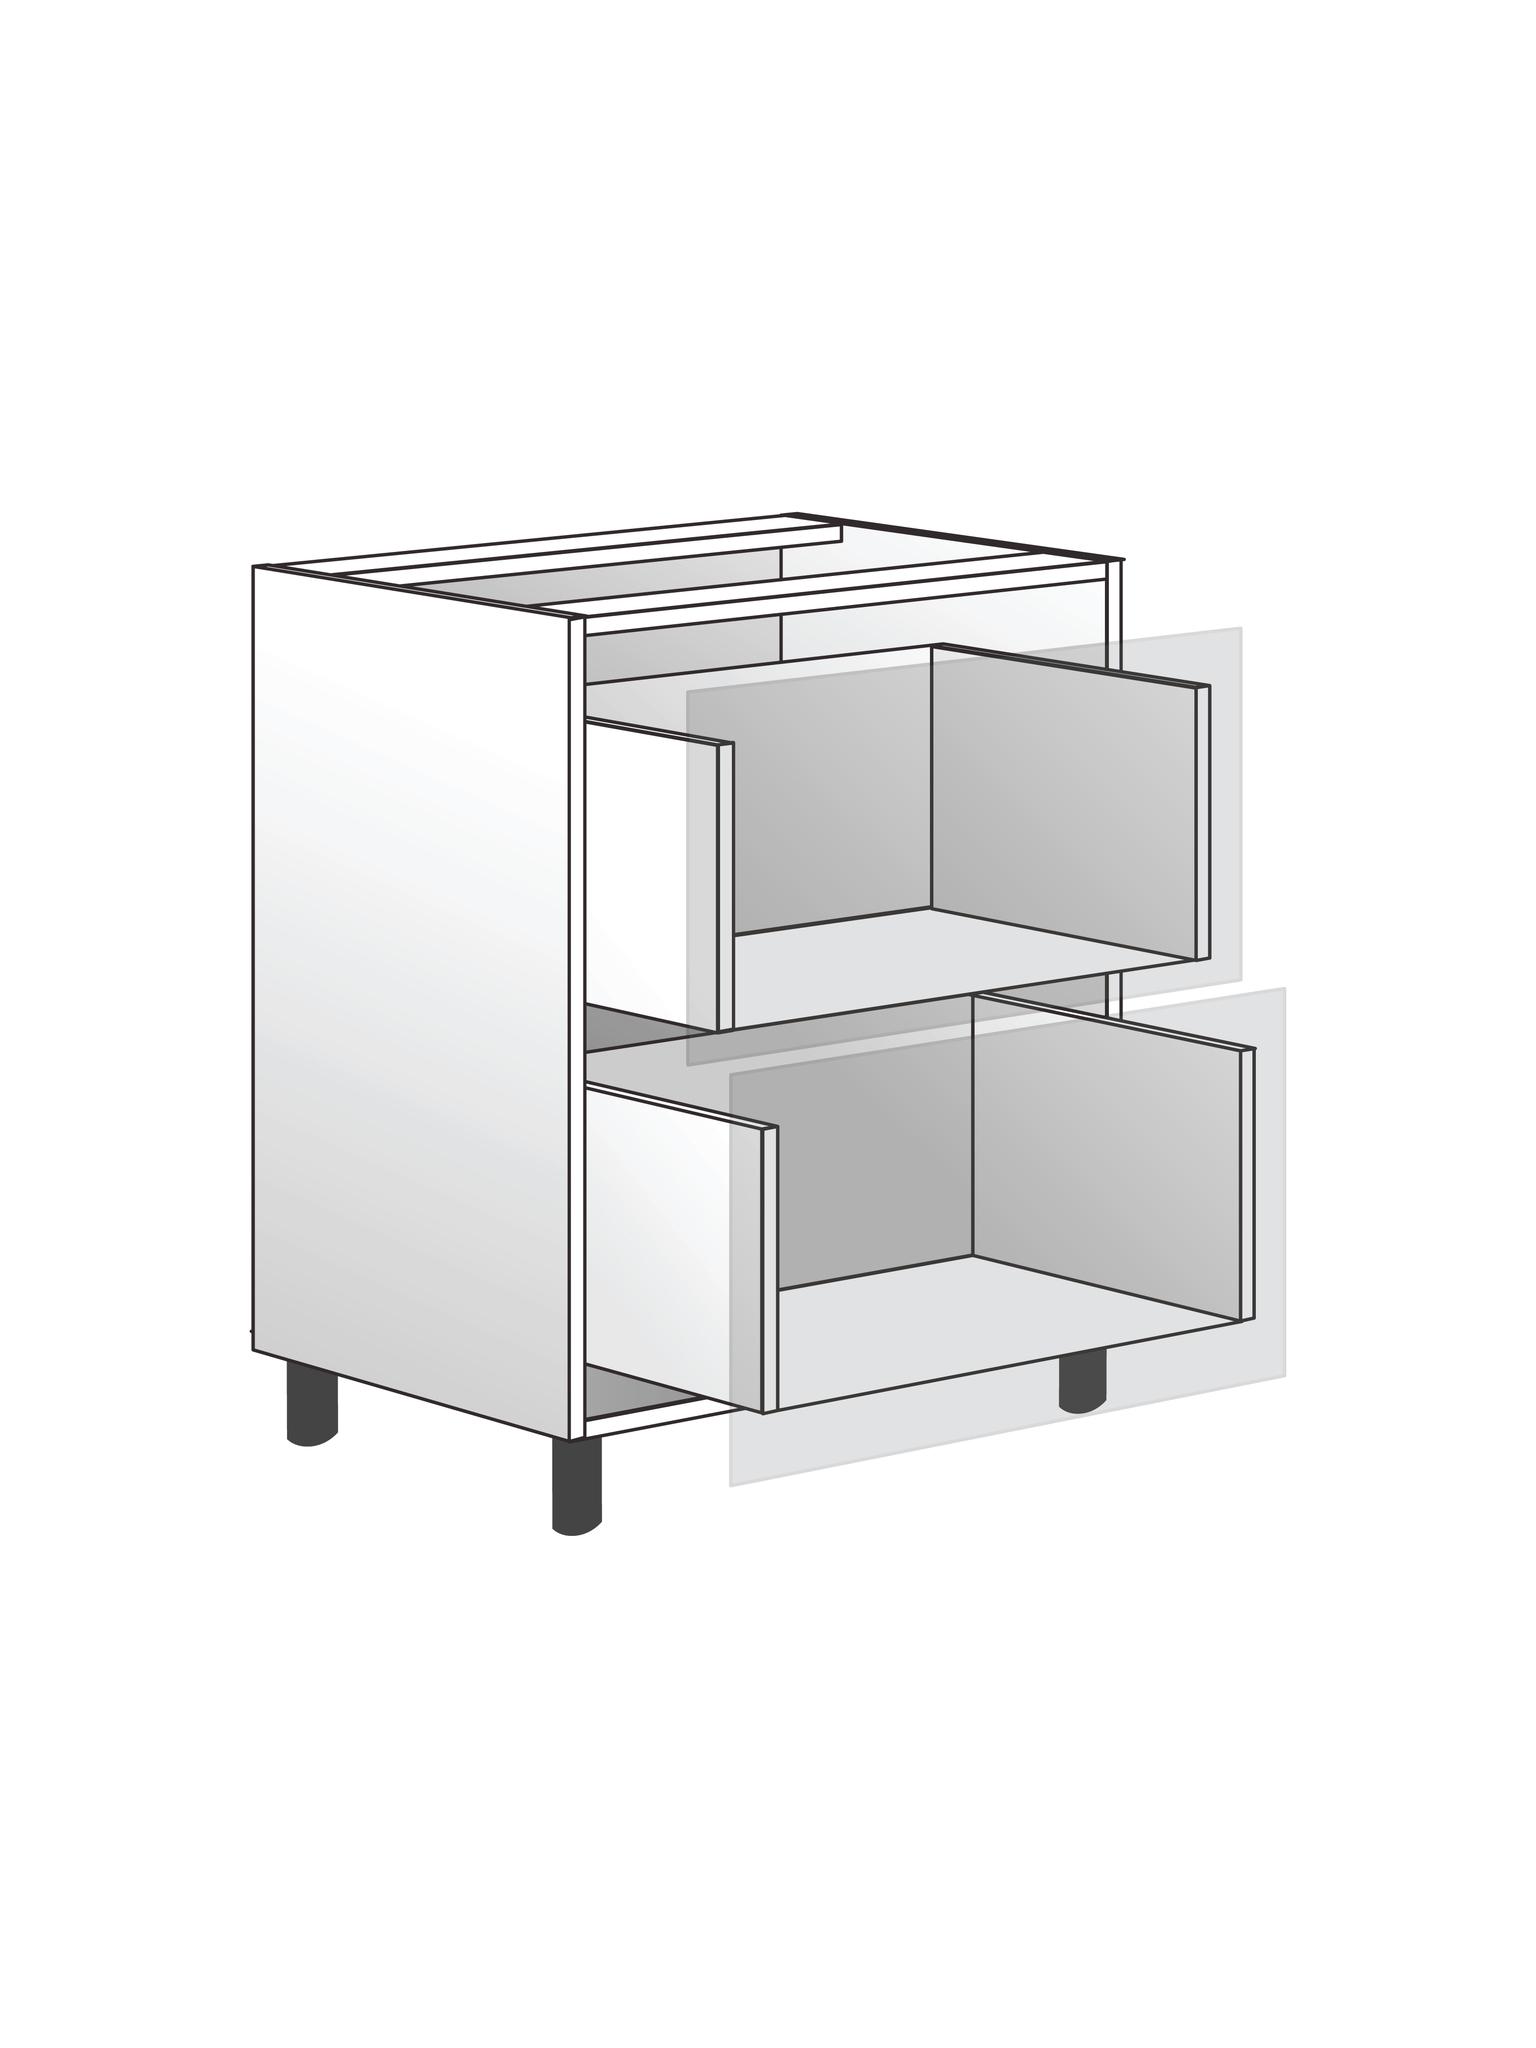 Напольный шкаф c 2 ящиками, 720х600 мм